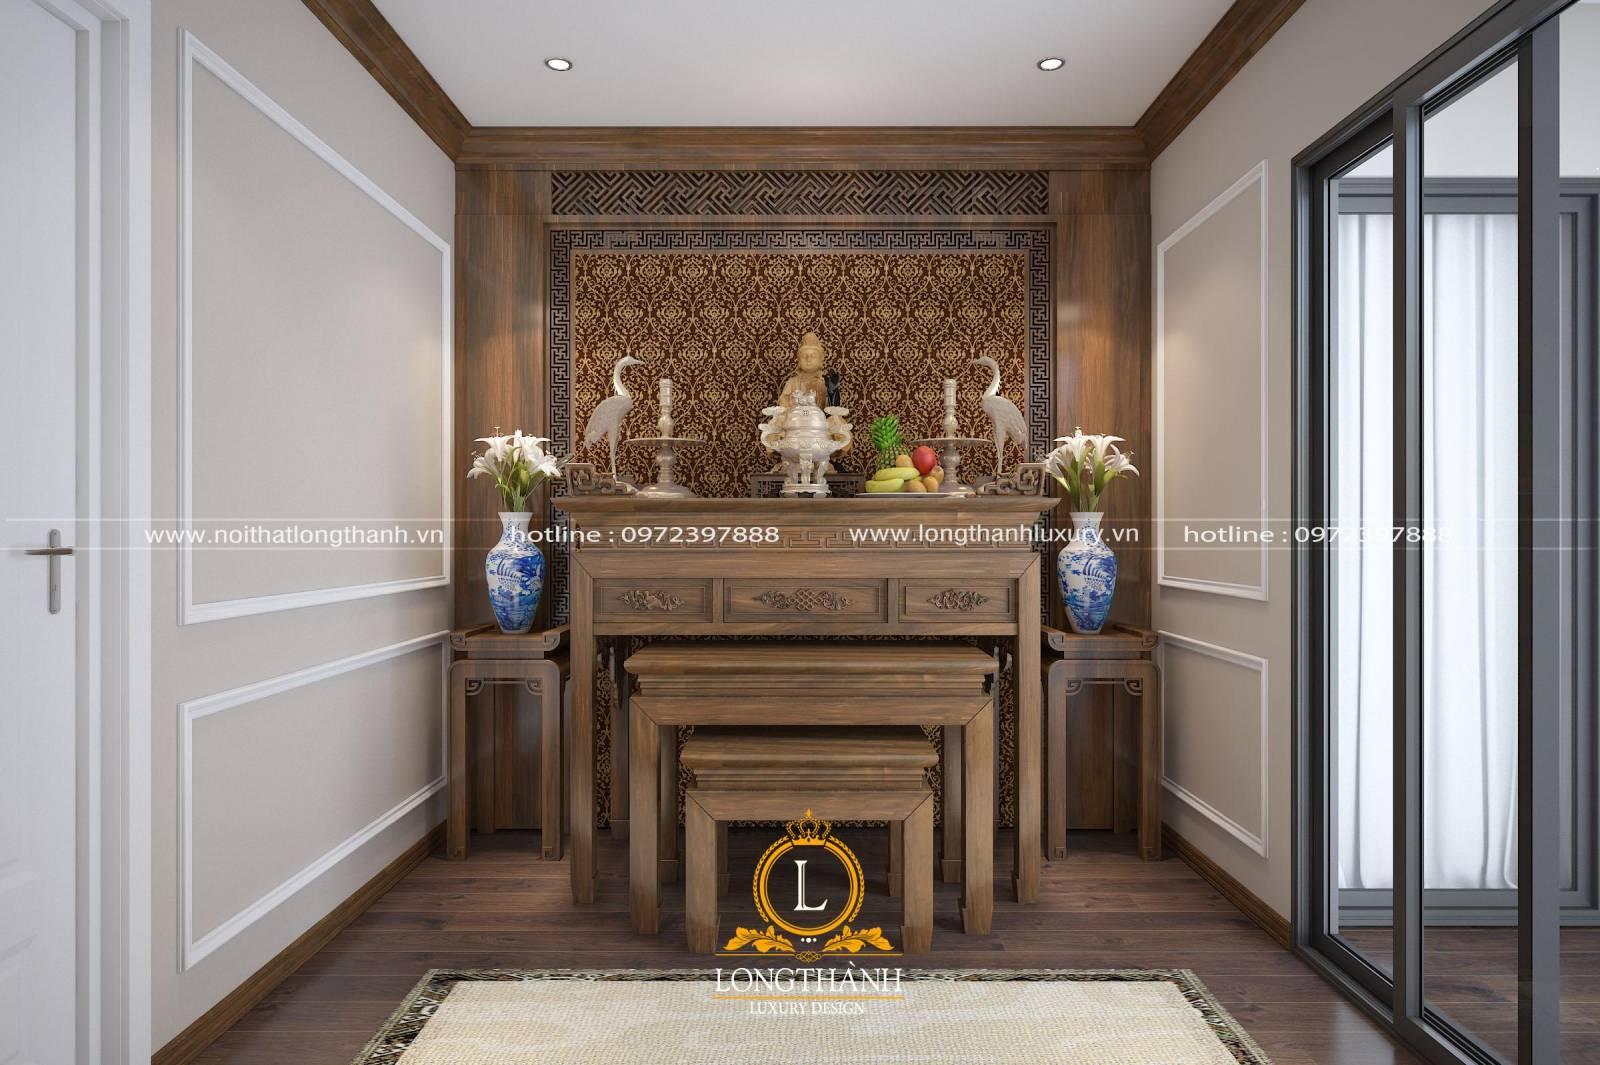 Lựa chọn bàn thờ nhà chung cư theo đúng chuẩn phong thủy tài lộc